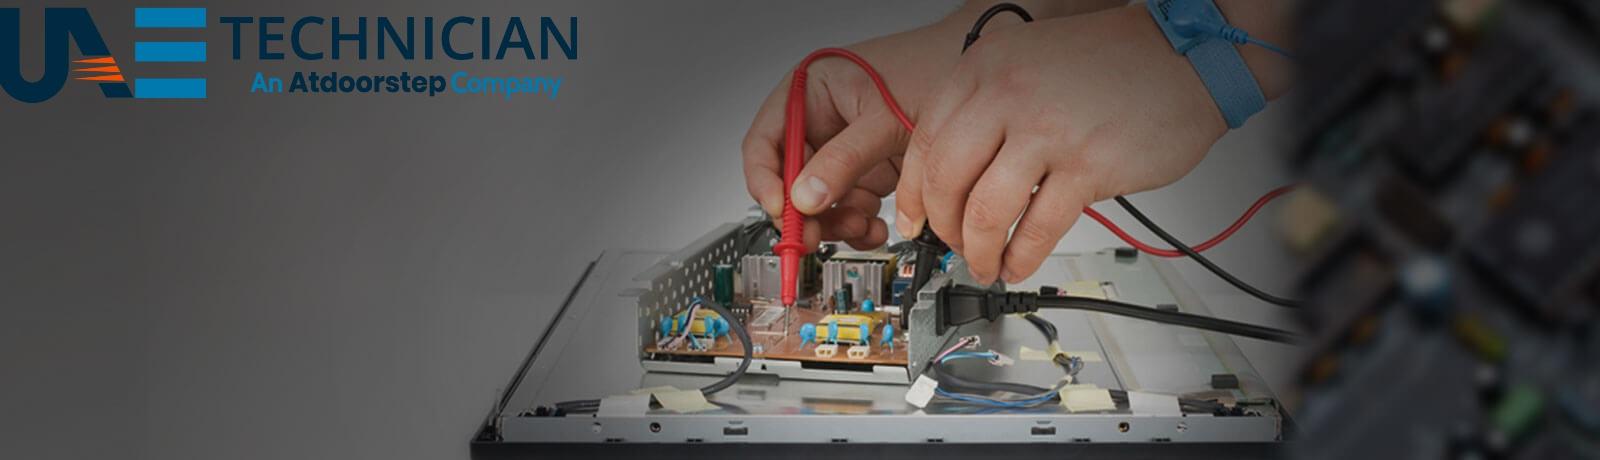 MotherBoard/Logic Board Repair Services Dubai UAE